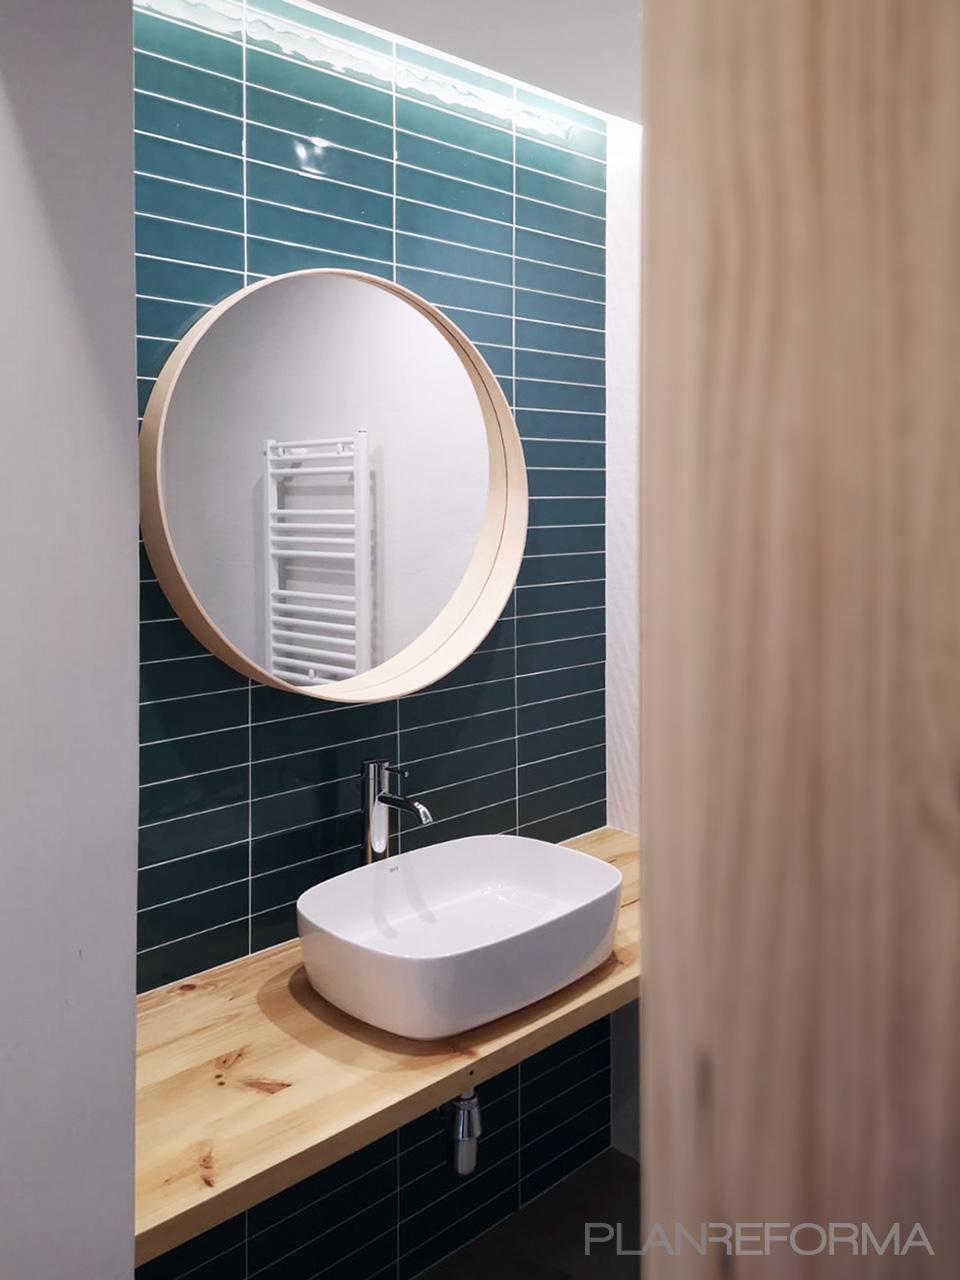 Baño Estilo mediterraneo Color blanco  diseñado por Oficina Urbana   Arquitecto   Copyright Renato Pucci